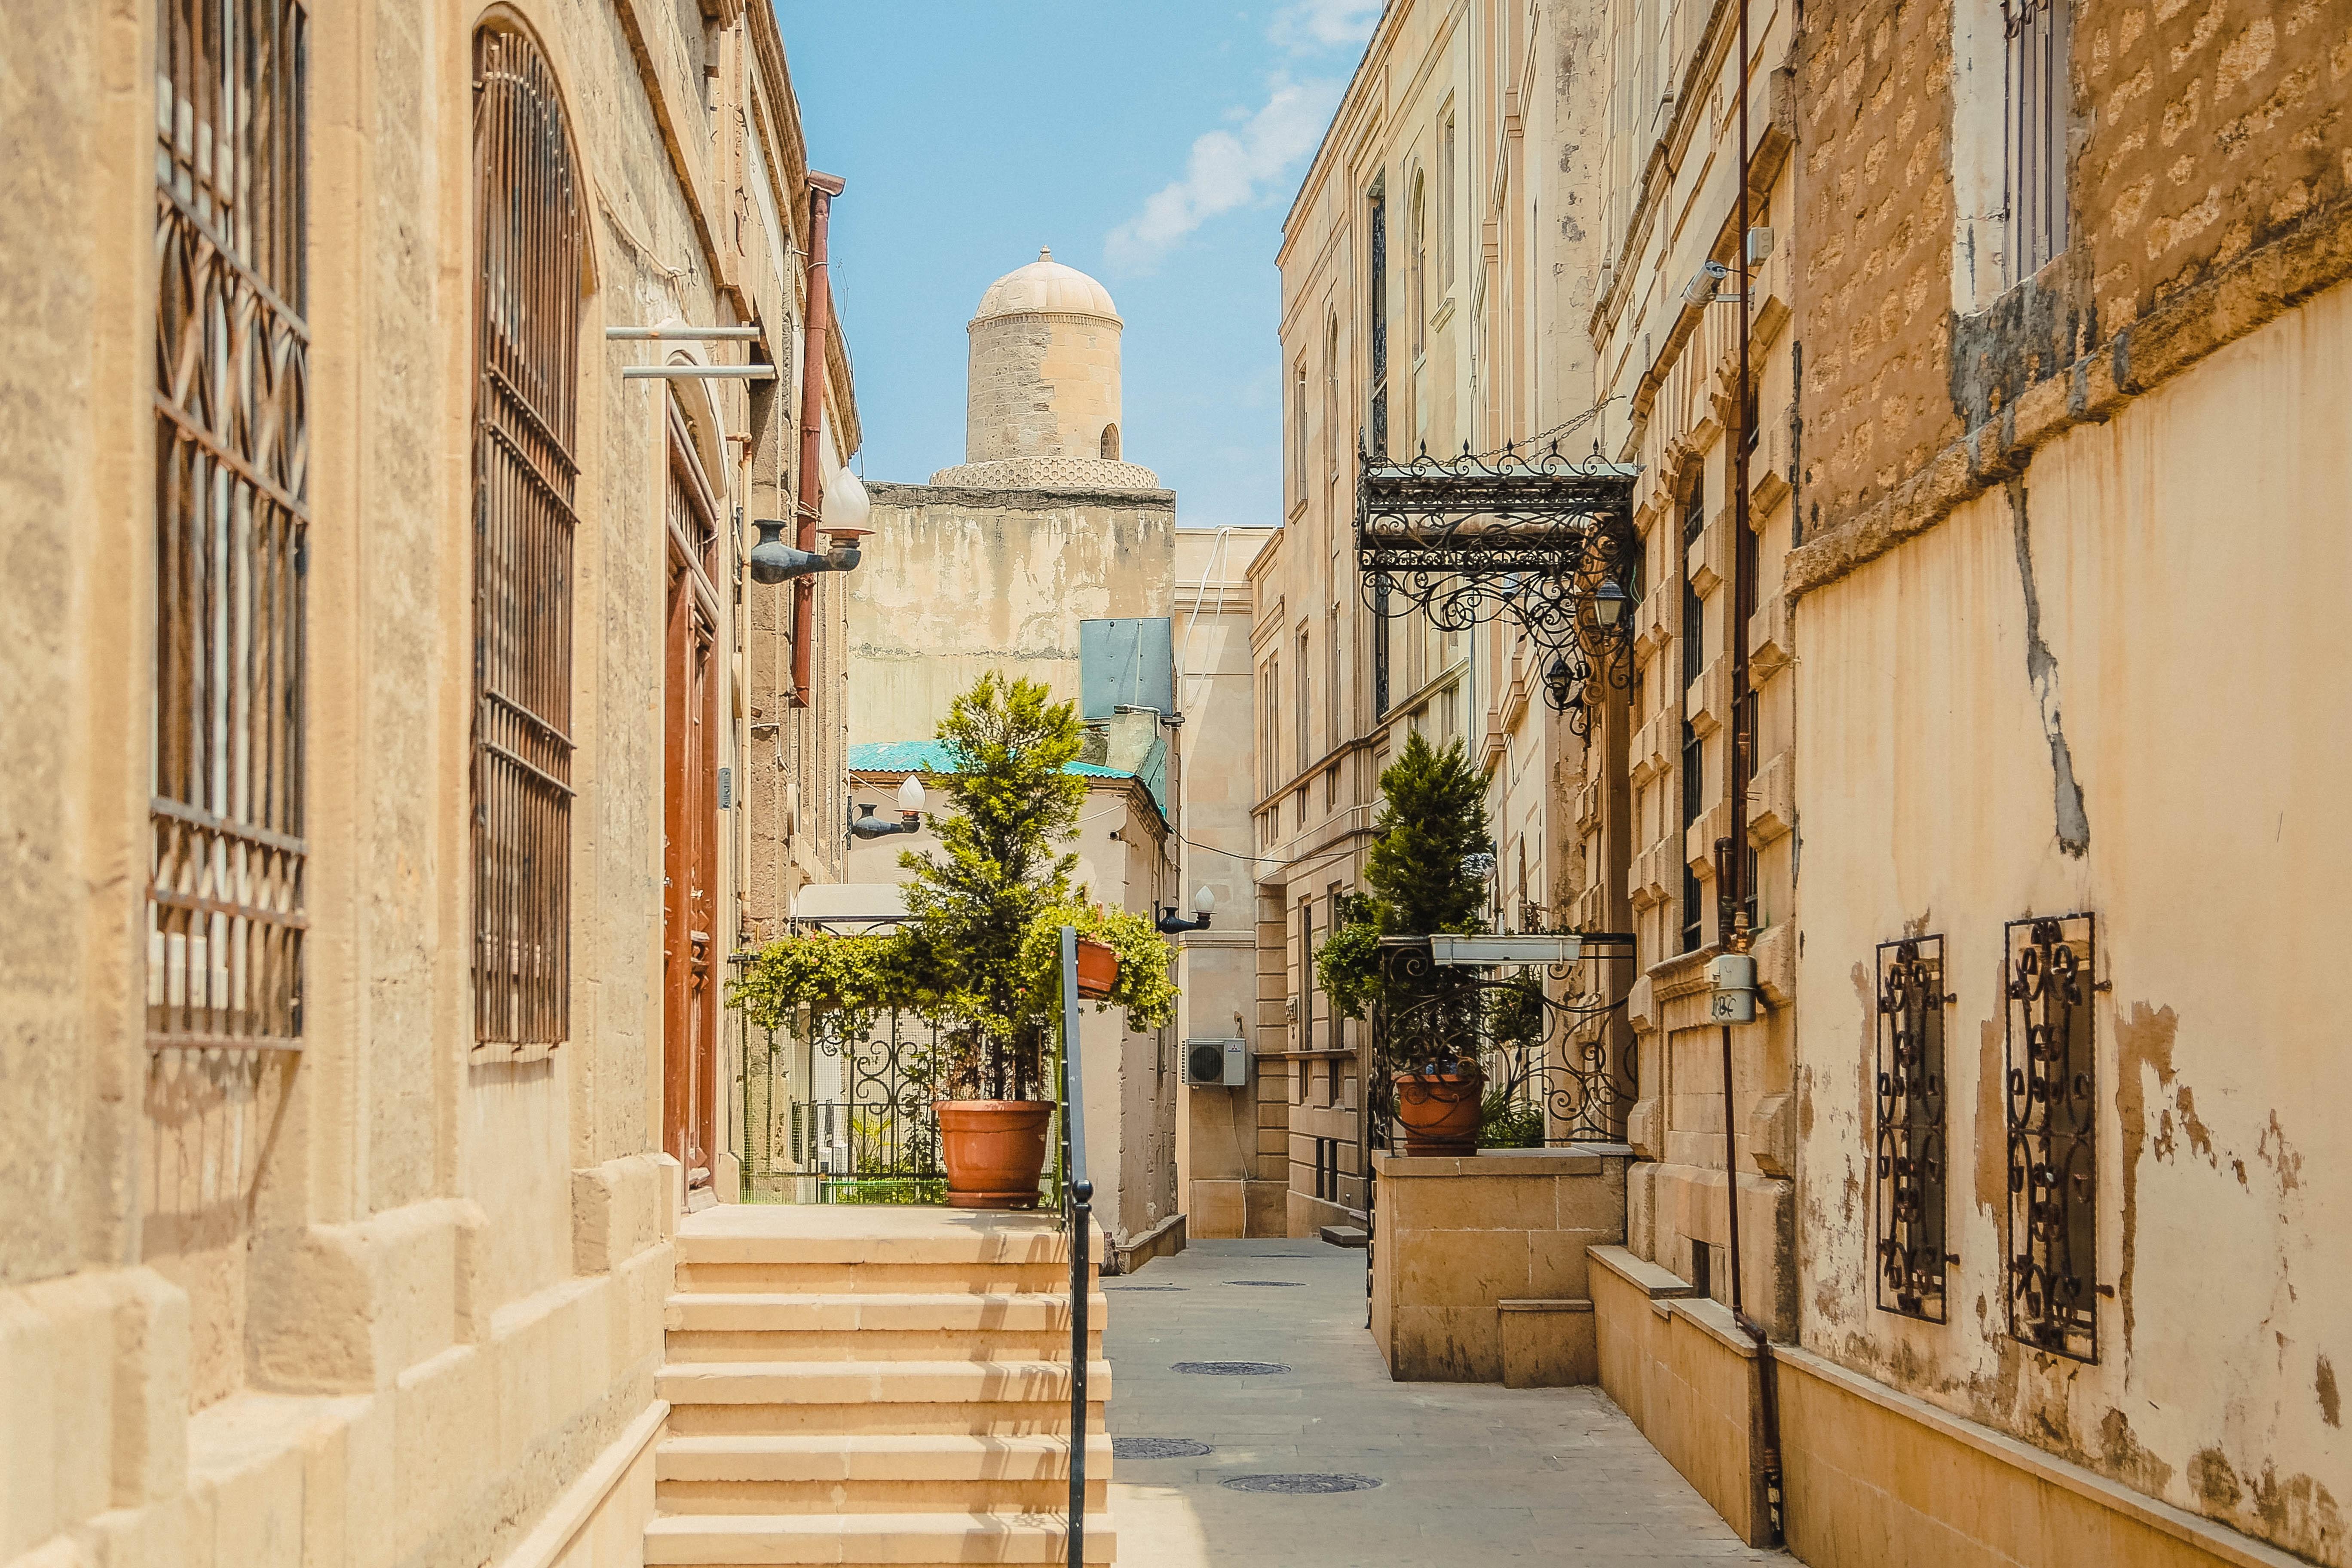 Images Gratuites : Architecture, Gens, Ciel, Bois, Route, Rue, Antique,  Rétro, Maison, Ville, Bâtiment, Palais, Vieux, Ruelle, Urbain, Mur, Voyage,  ...